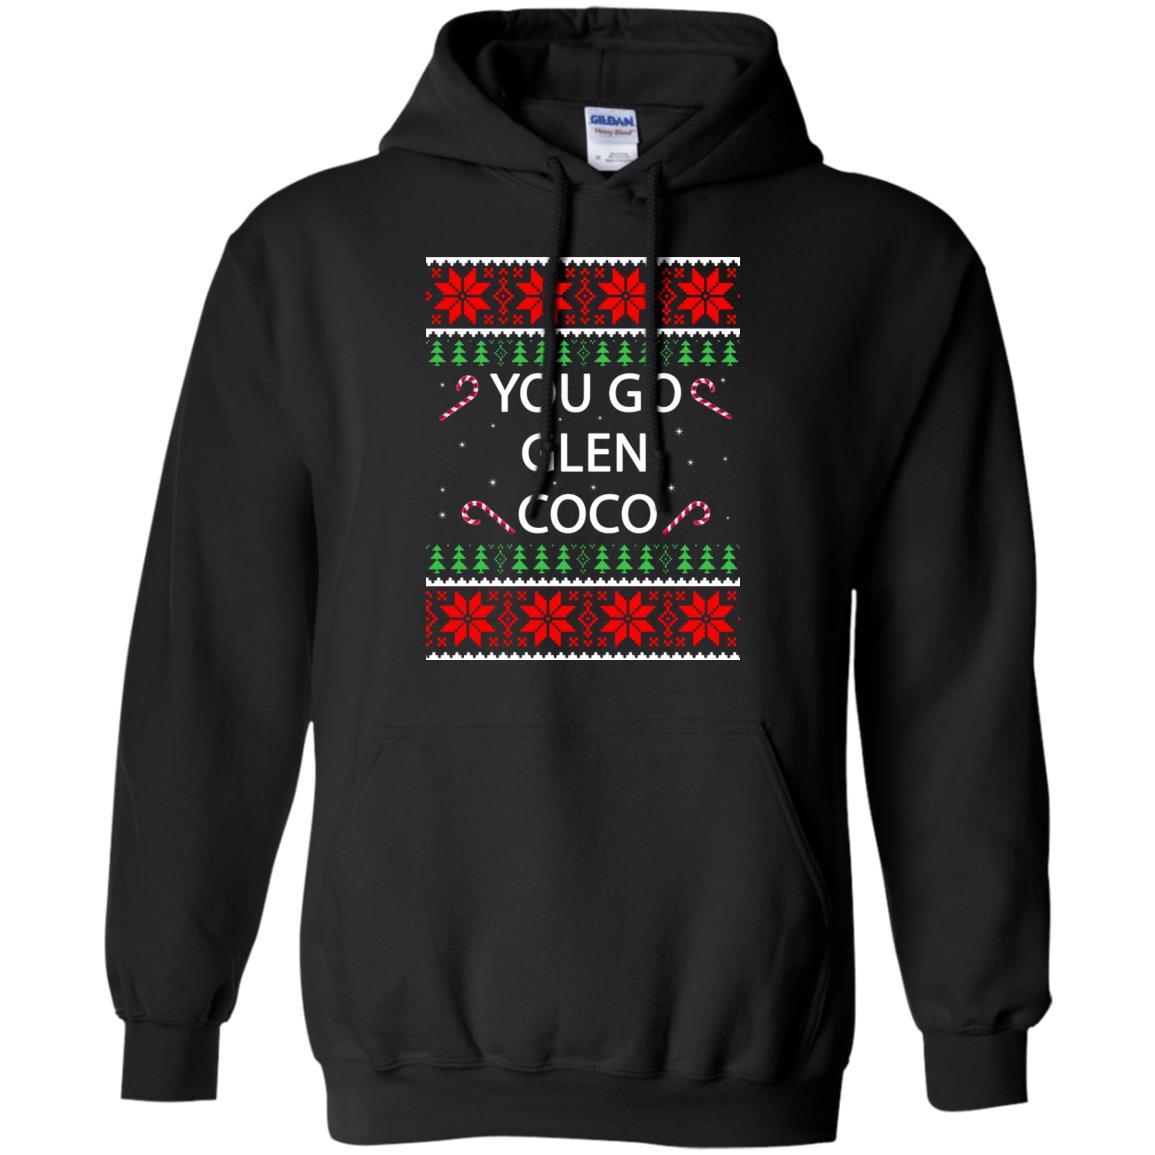 image 3150 - You Go Glen Coco Sweatshirts, Hoodie, Tank